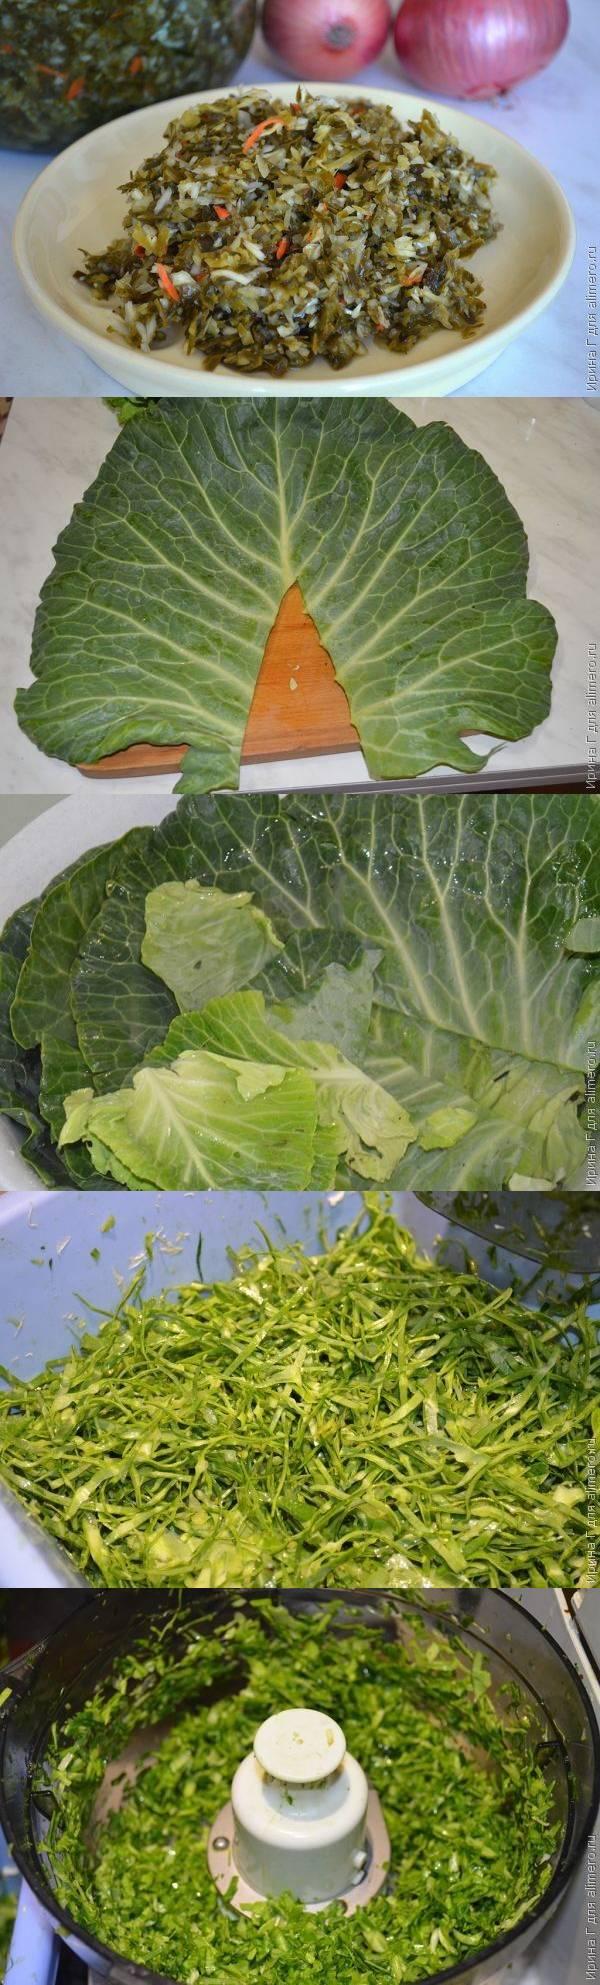 Заготовка на зеленые квашеные щи